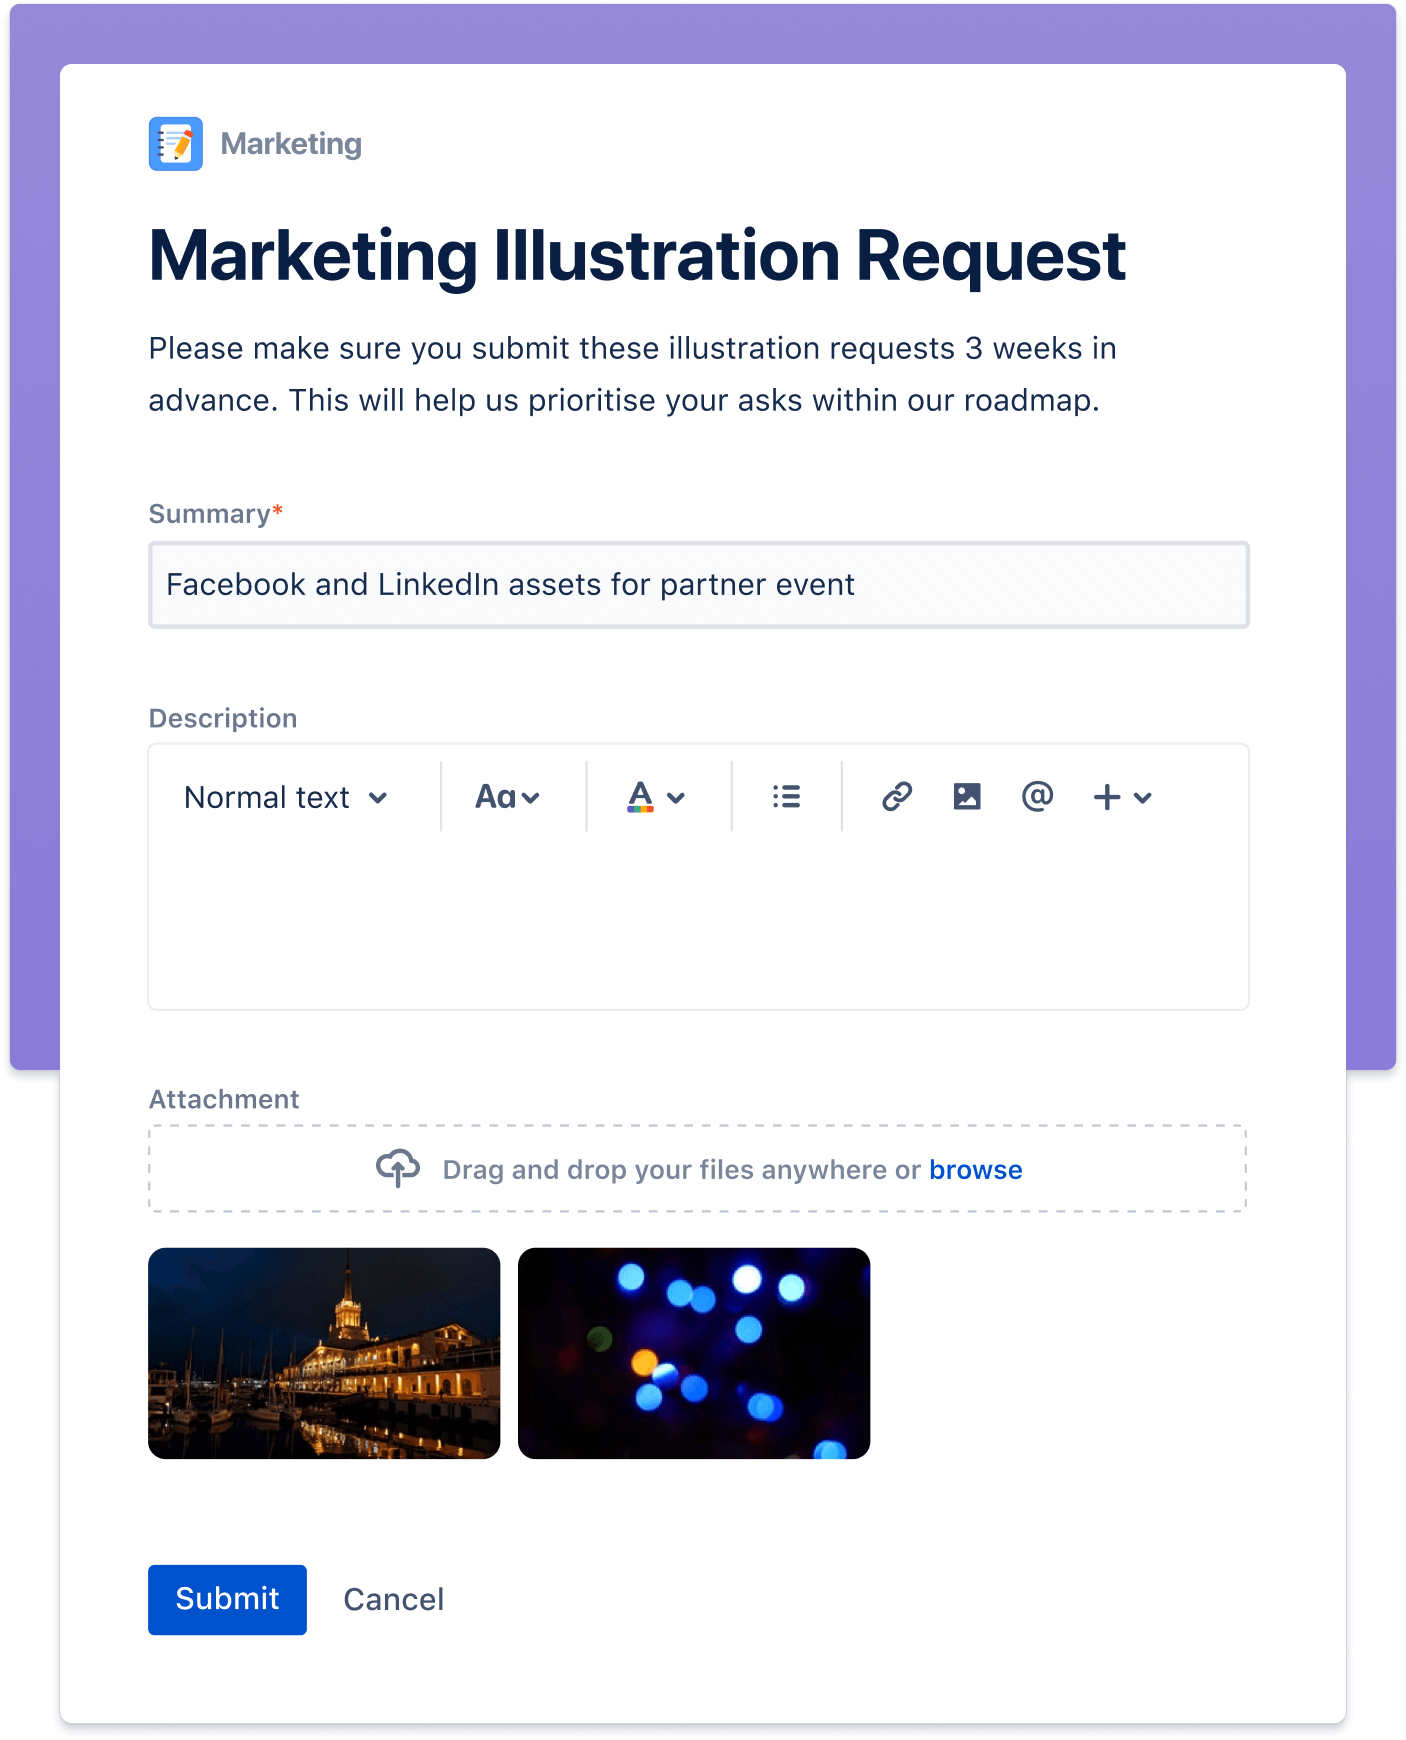 显示收集简单工作请求的屏幕